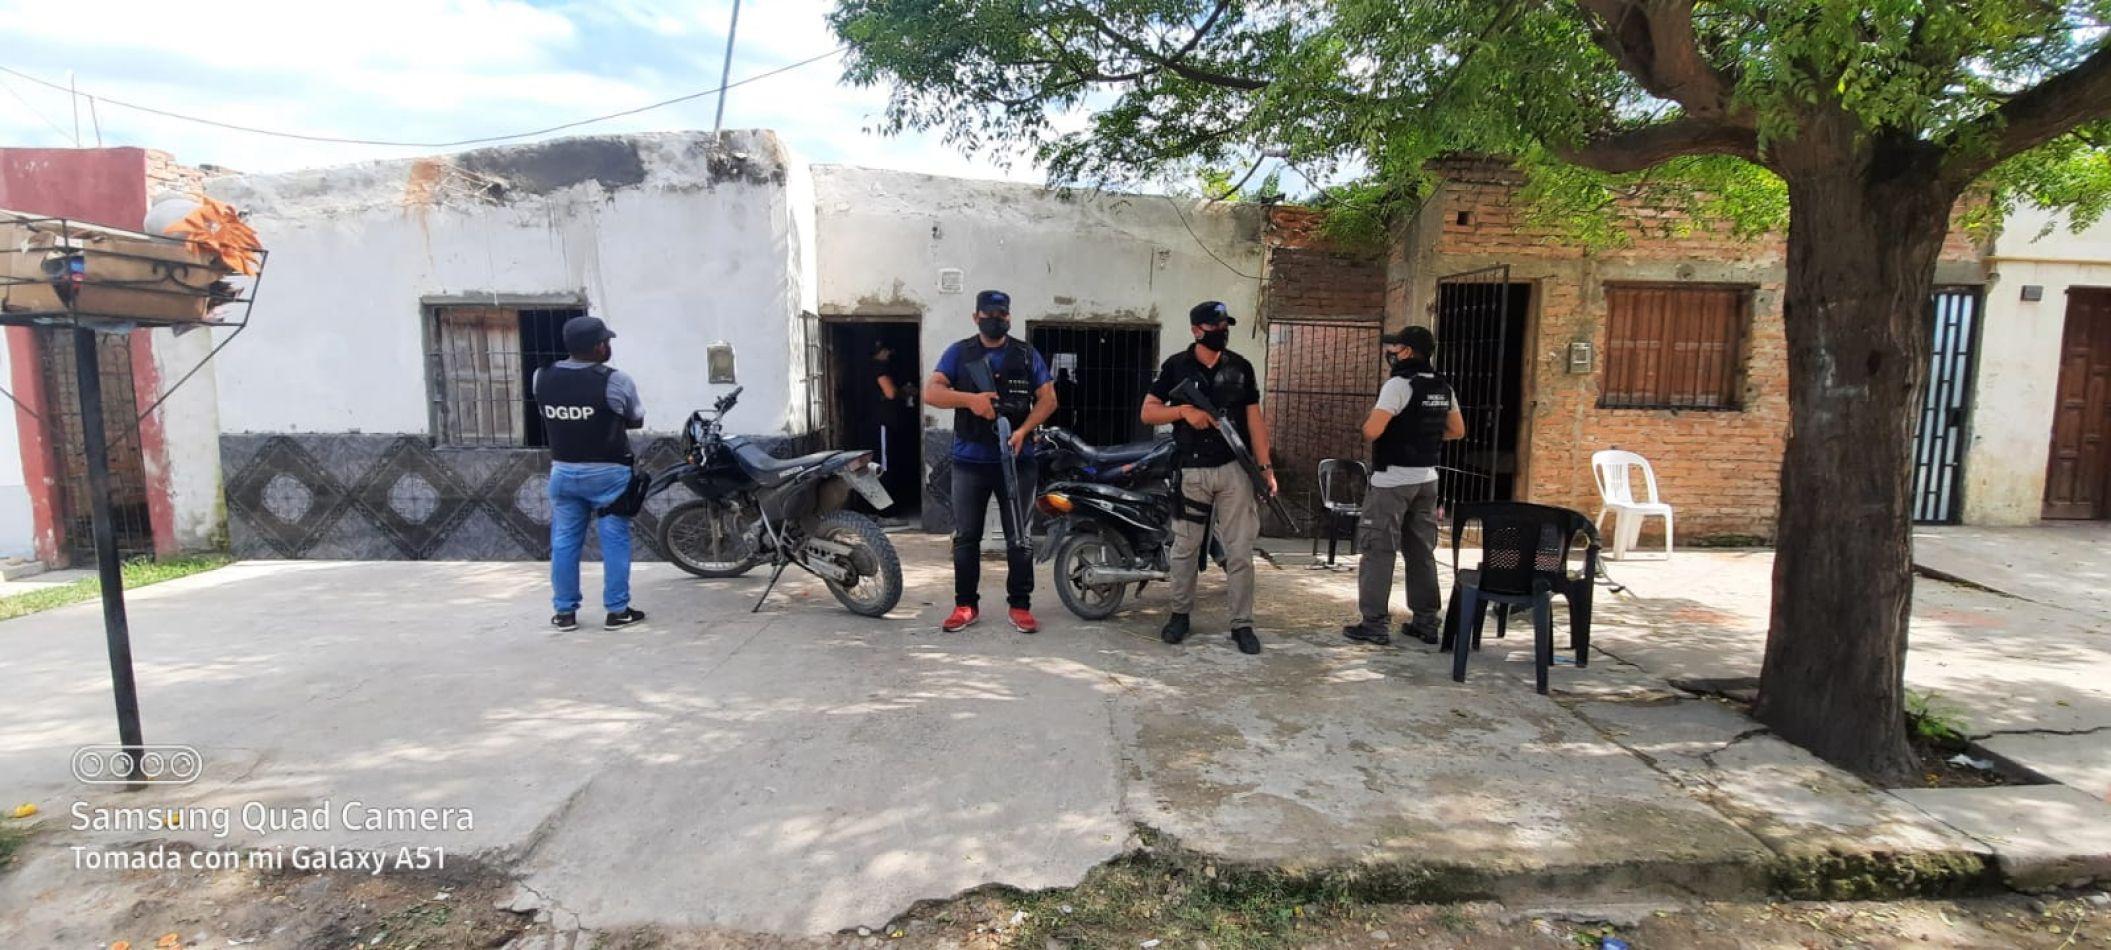 Tres detenidos, más de 100 dosis de droga, y miles de pesos secuestrados tras un operativo en el norte